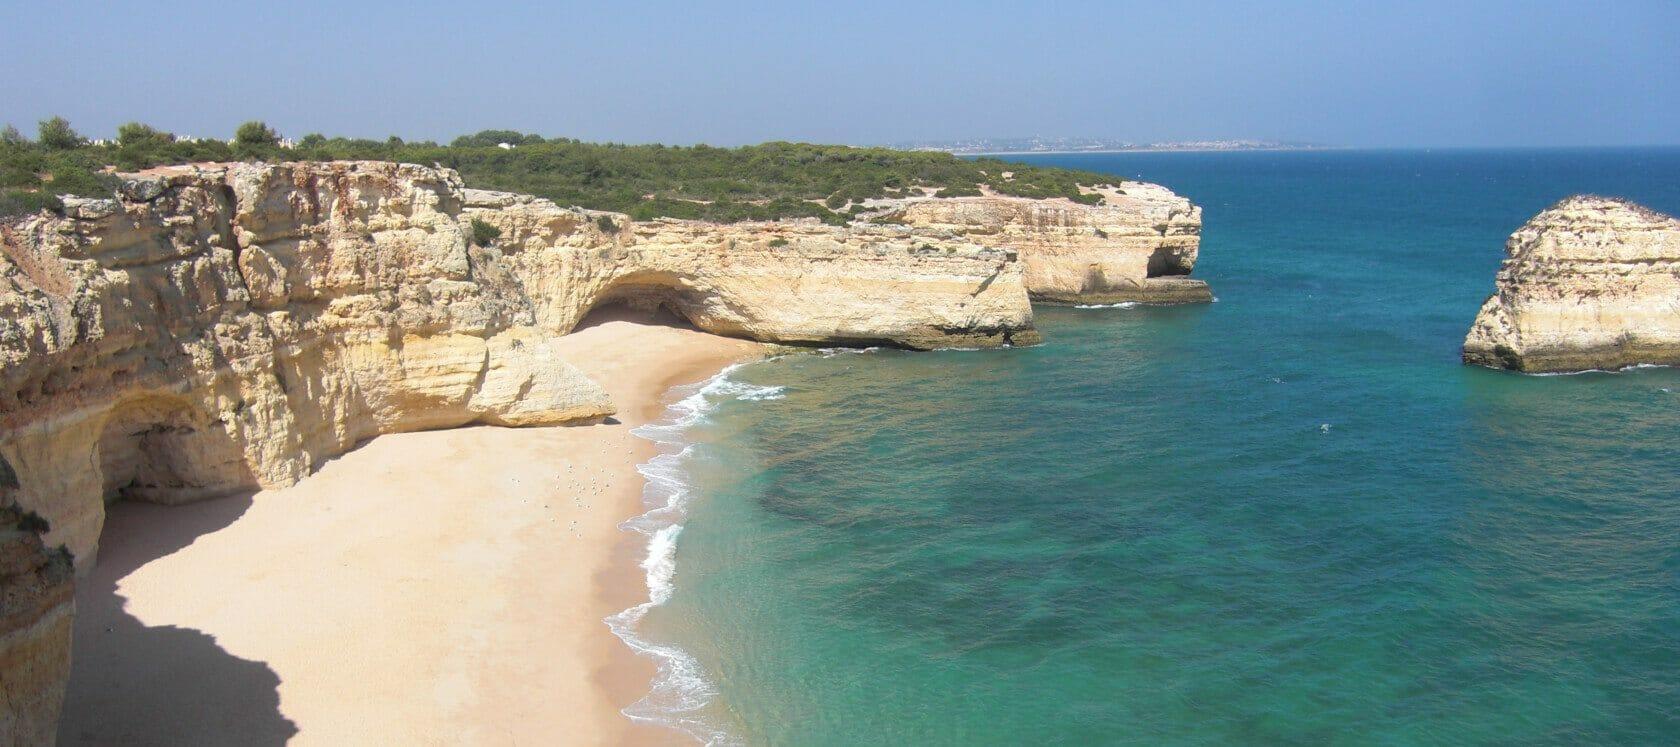 Tai Chi Urlaub am Meer - Algarve Felsenstrand